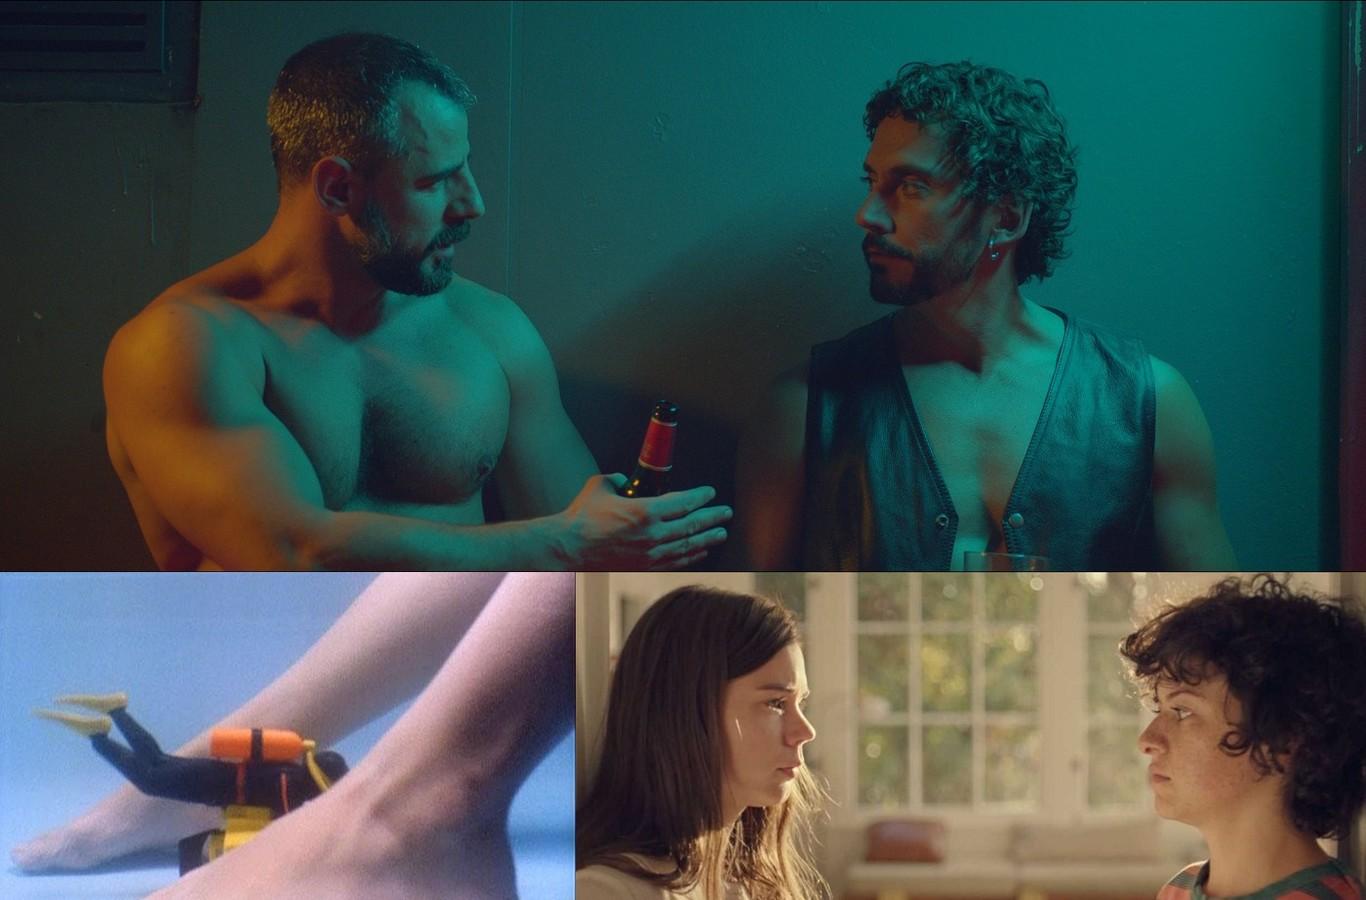 Peliculas Eroticas No Porno Para Ver En Pareja las nueve mejores películas eróticas en netflix